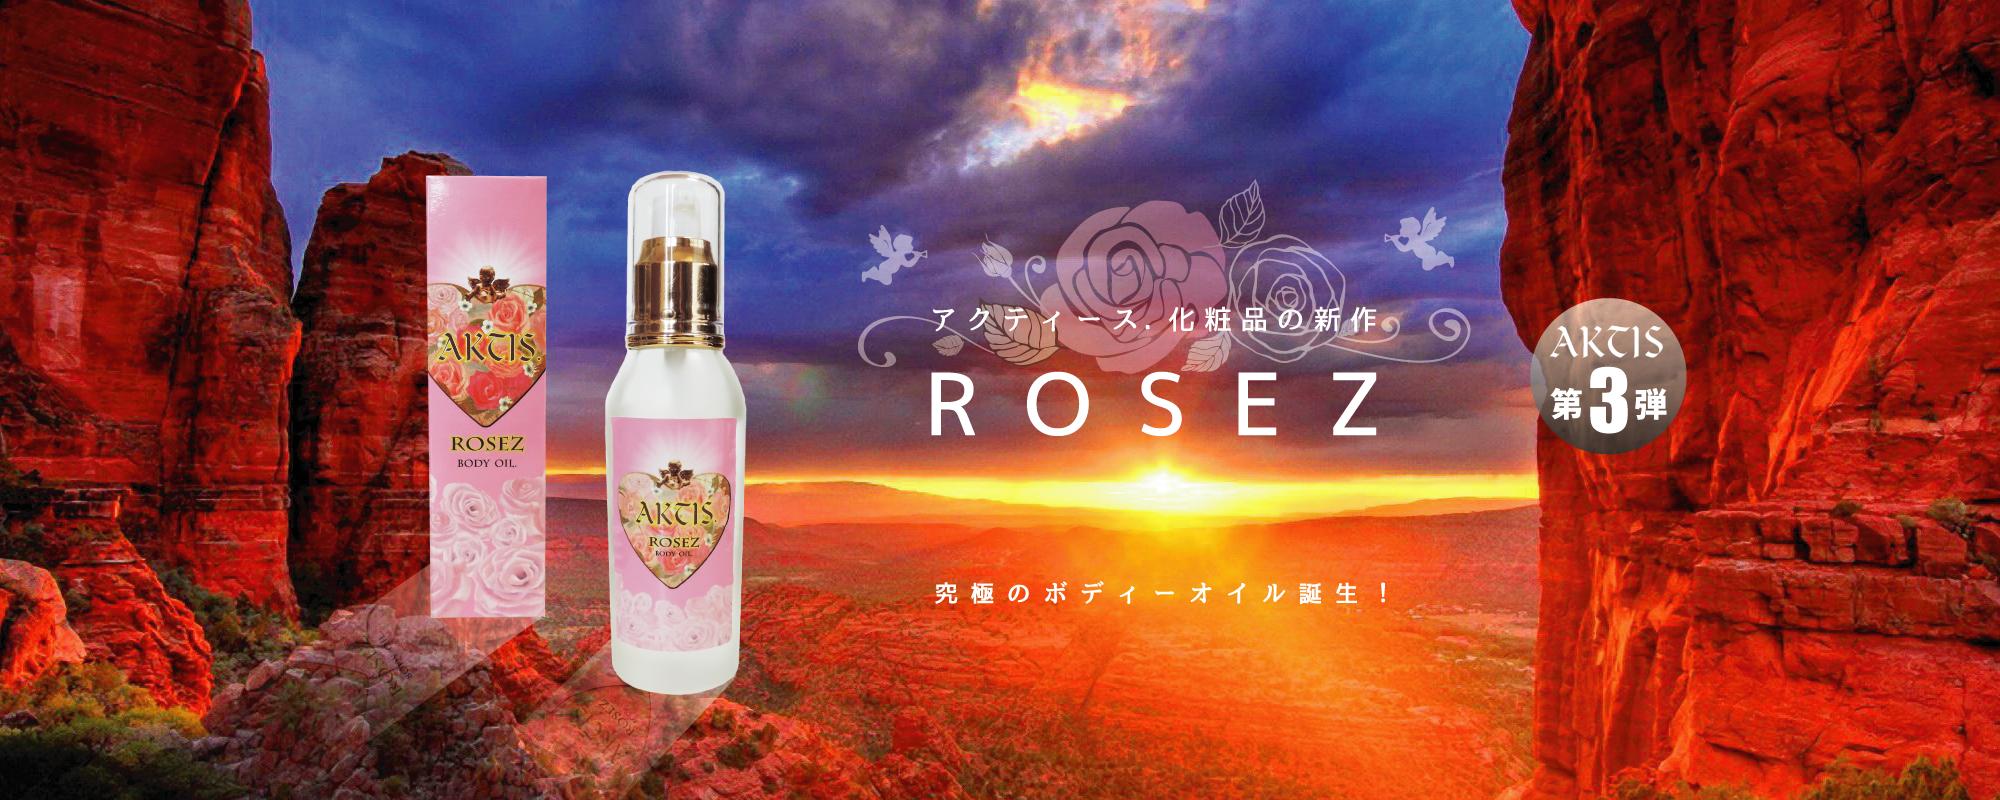 究極の化粧品アクティース.ROSEZ